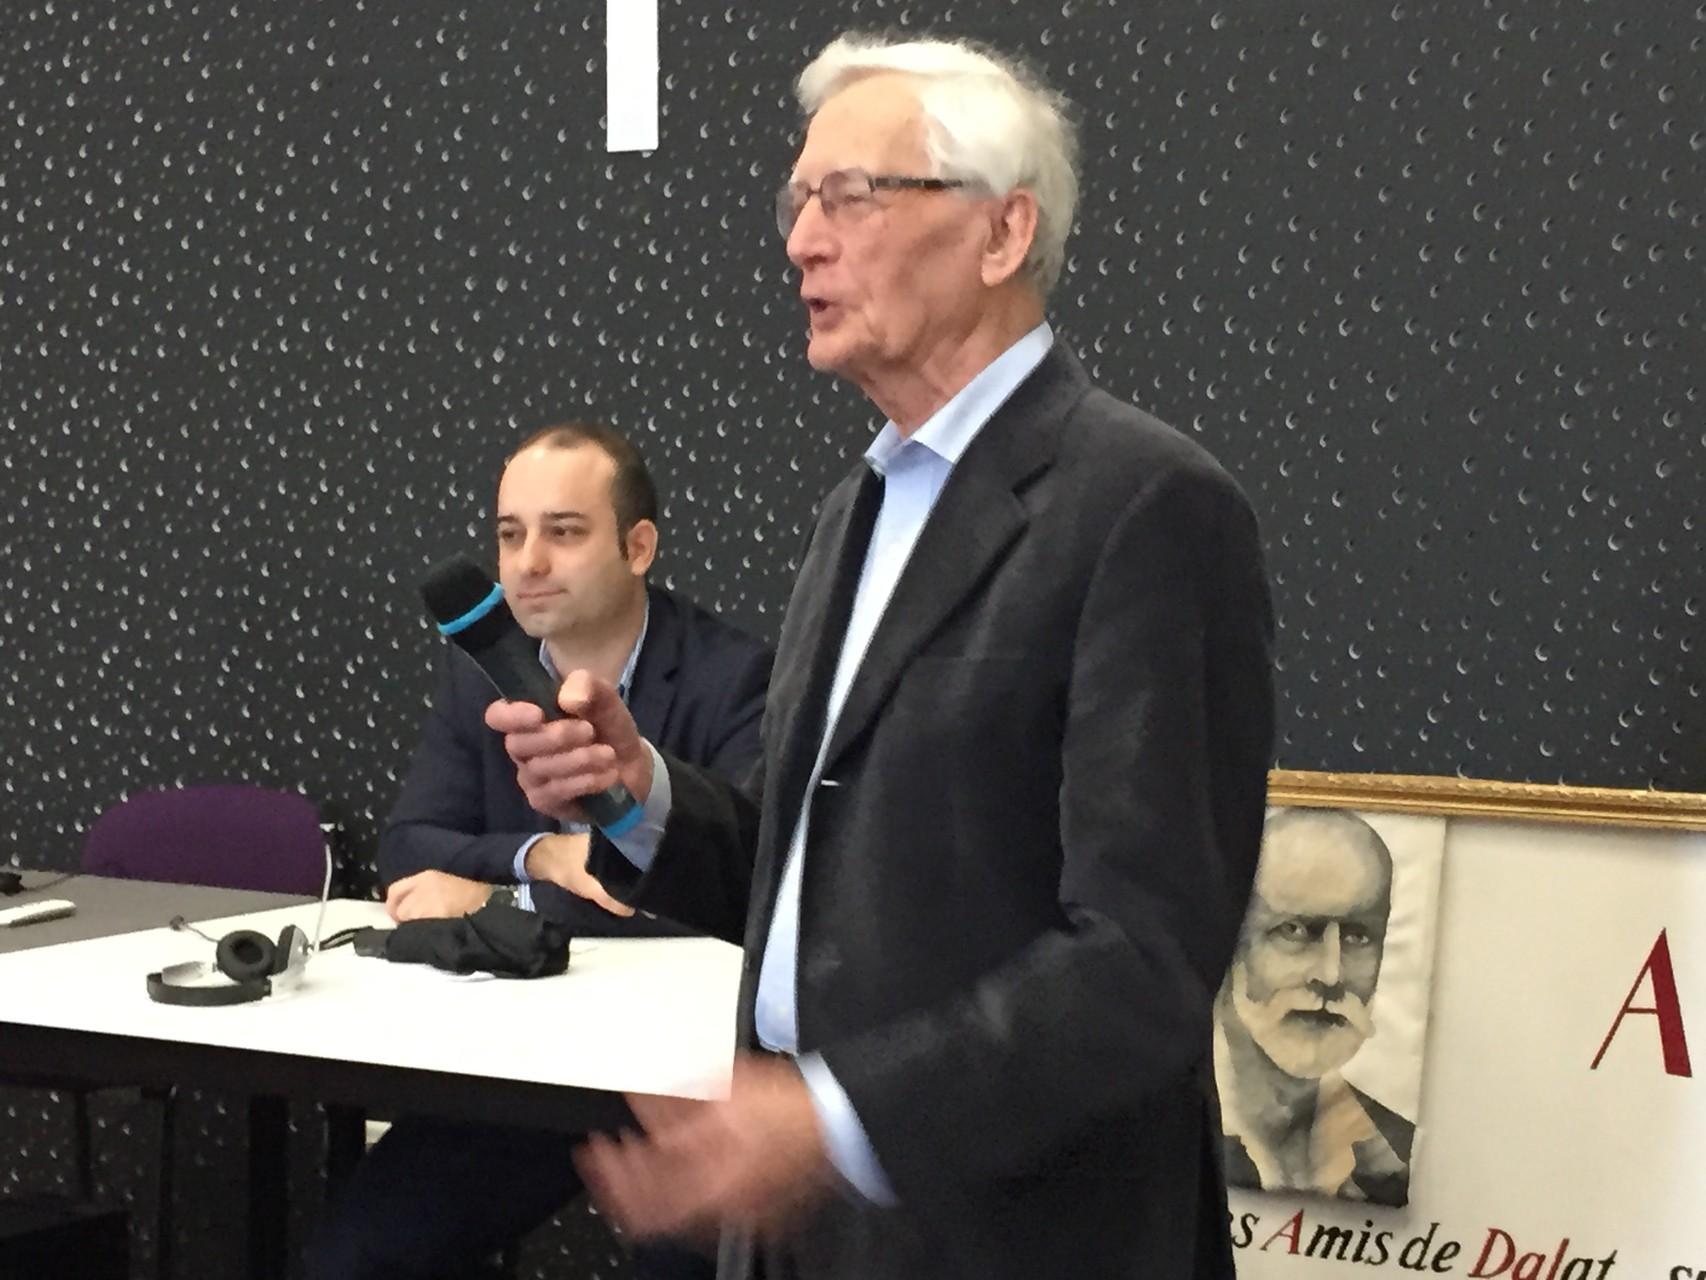 Maximum Del Fiol, à gauche, maître de conférence à l'université Paul-Valéry Montpellier 3, s'exprimait en sensibilisant sur la différence des sens de francophone, francophonie et francophile.